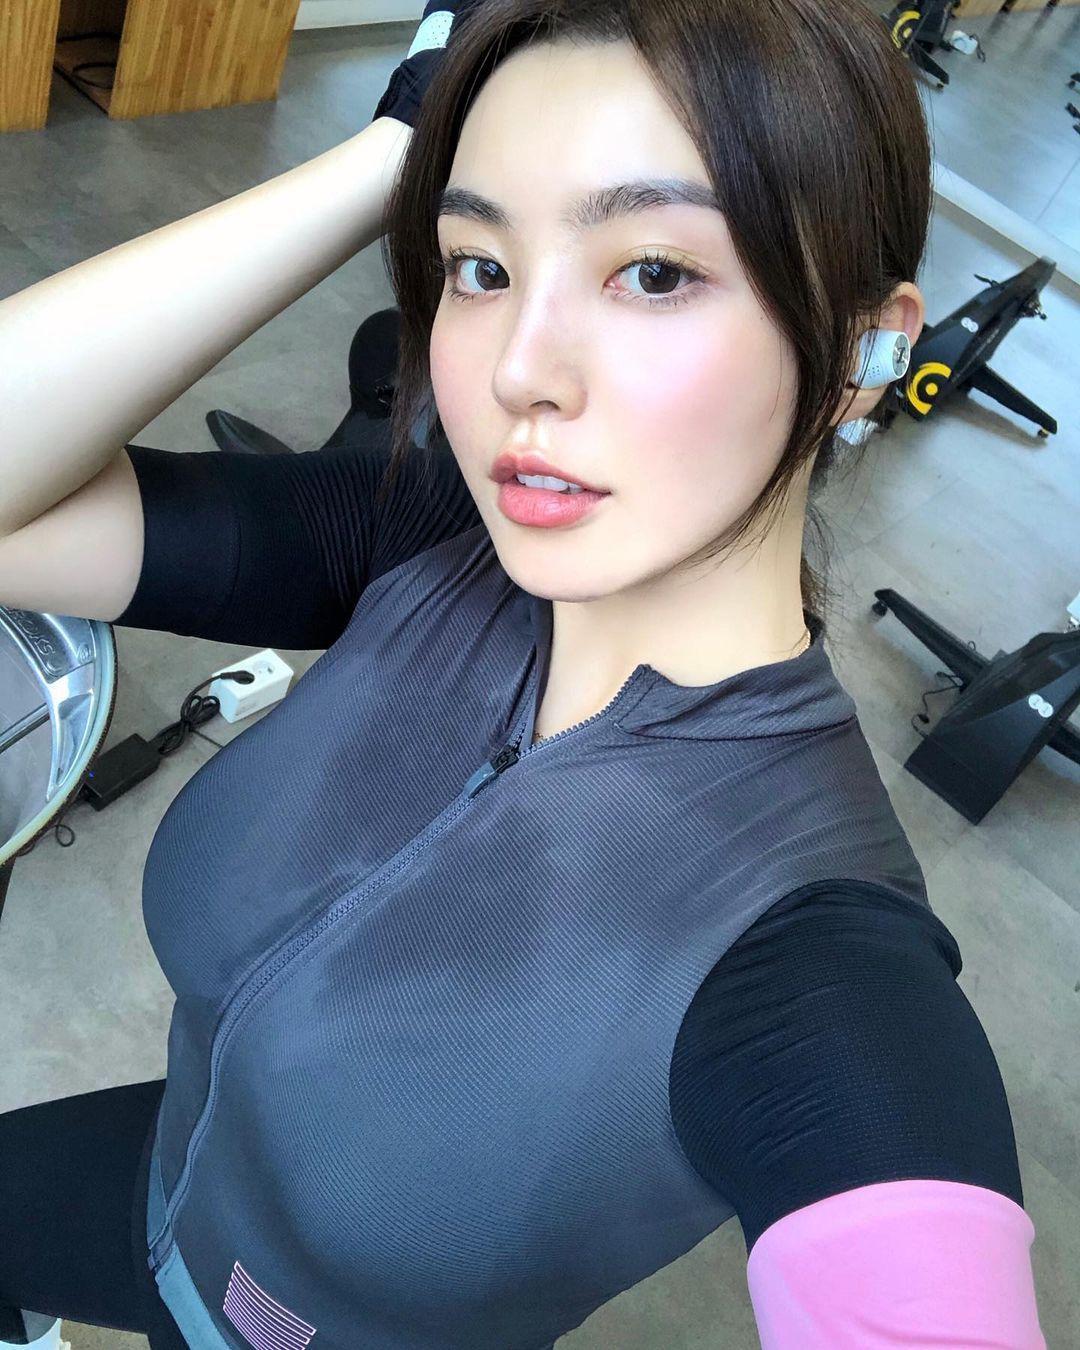 选美比赛常胜军.171 cm 韩国小姐Sewhee 清新气质+E身材让人恋爱 网络美女 第7张